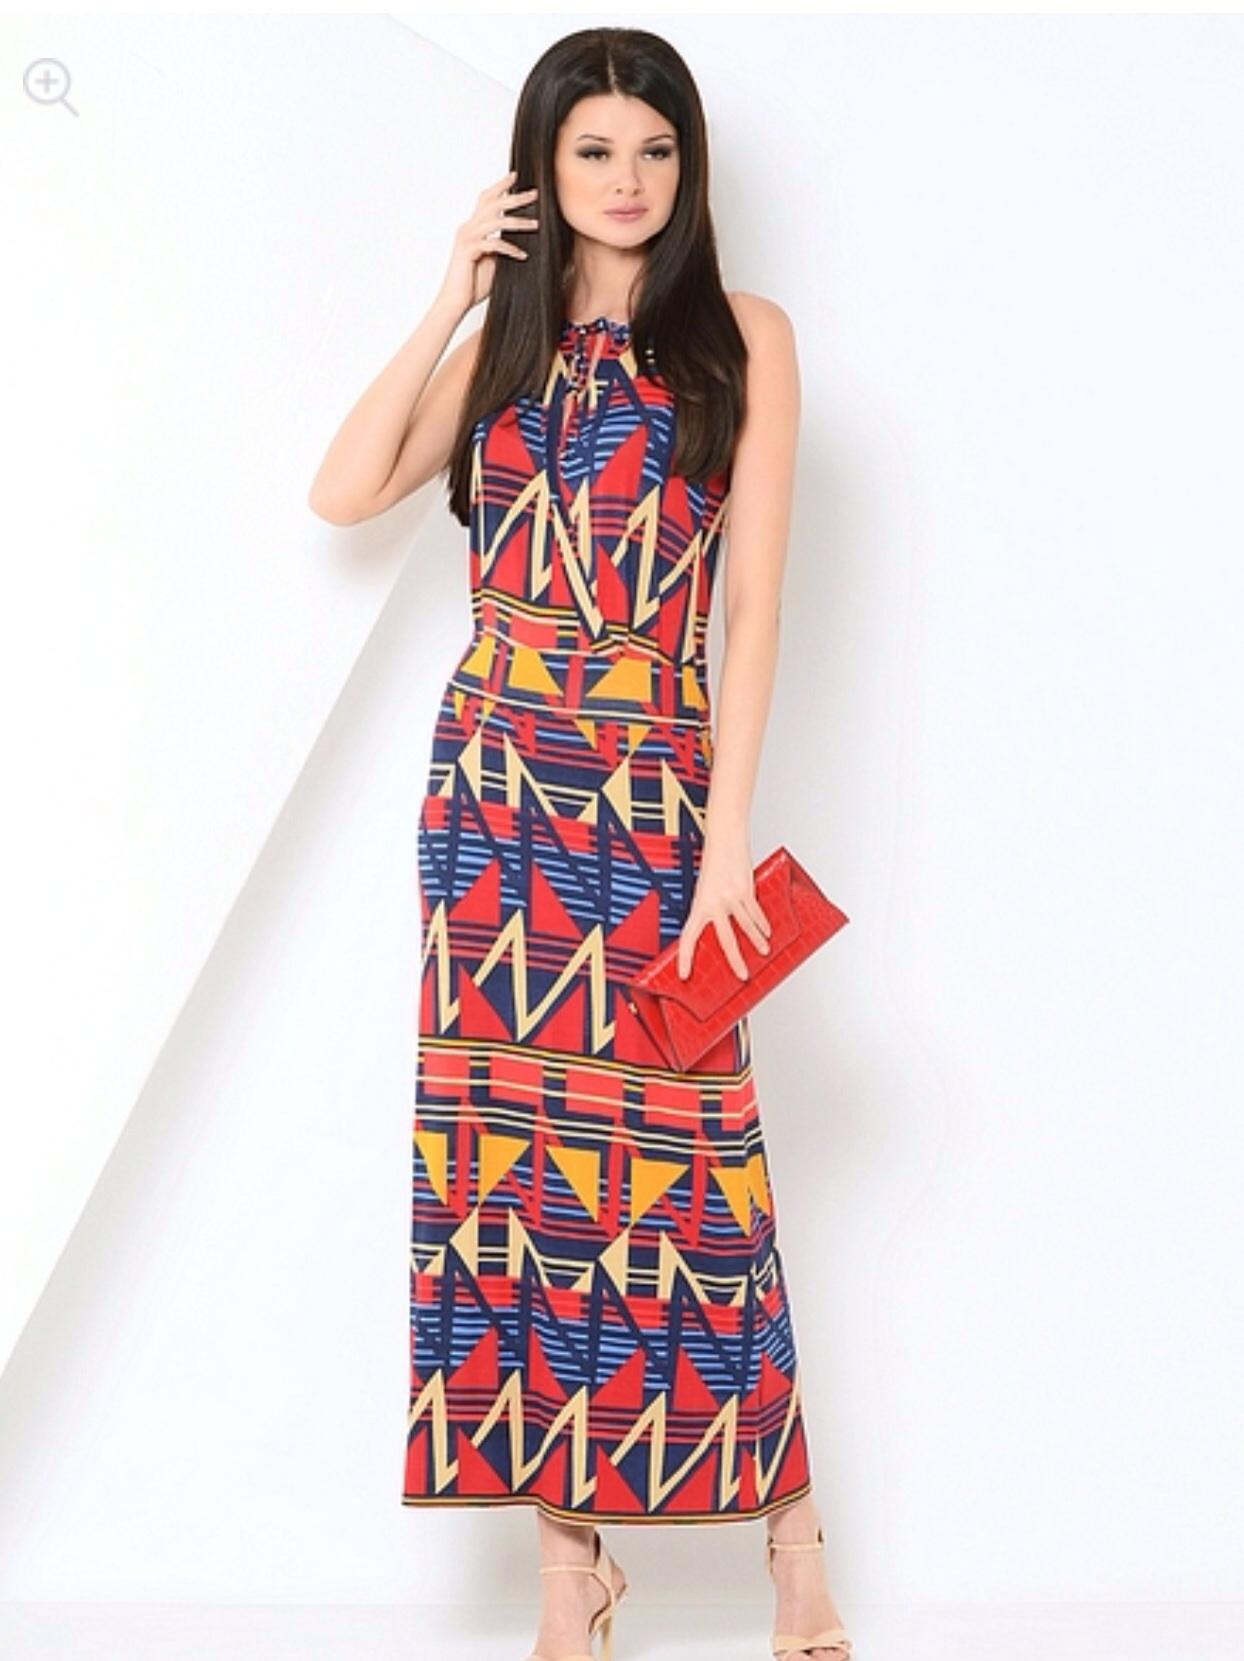 Отправила вторую бронь!) Поставщик все наличие подтвердил. :-) Порадуйте себя новым платьем ! Красивое, пошито по размеру, приятная и качественная ткань ?